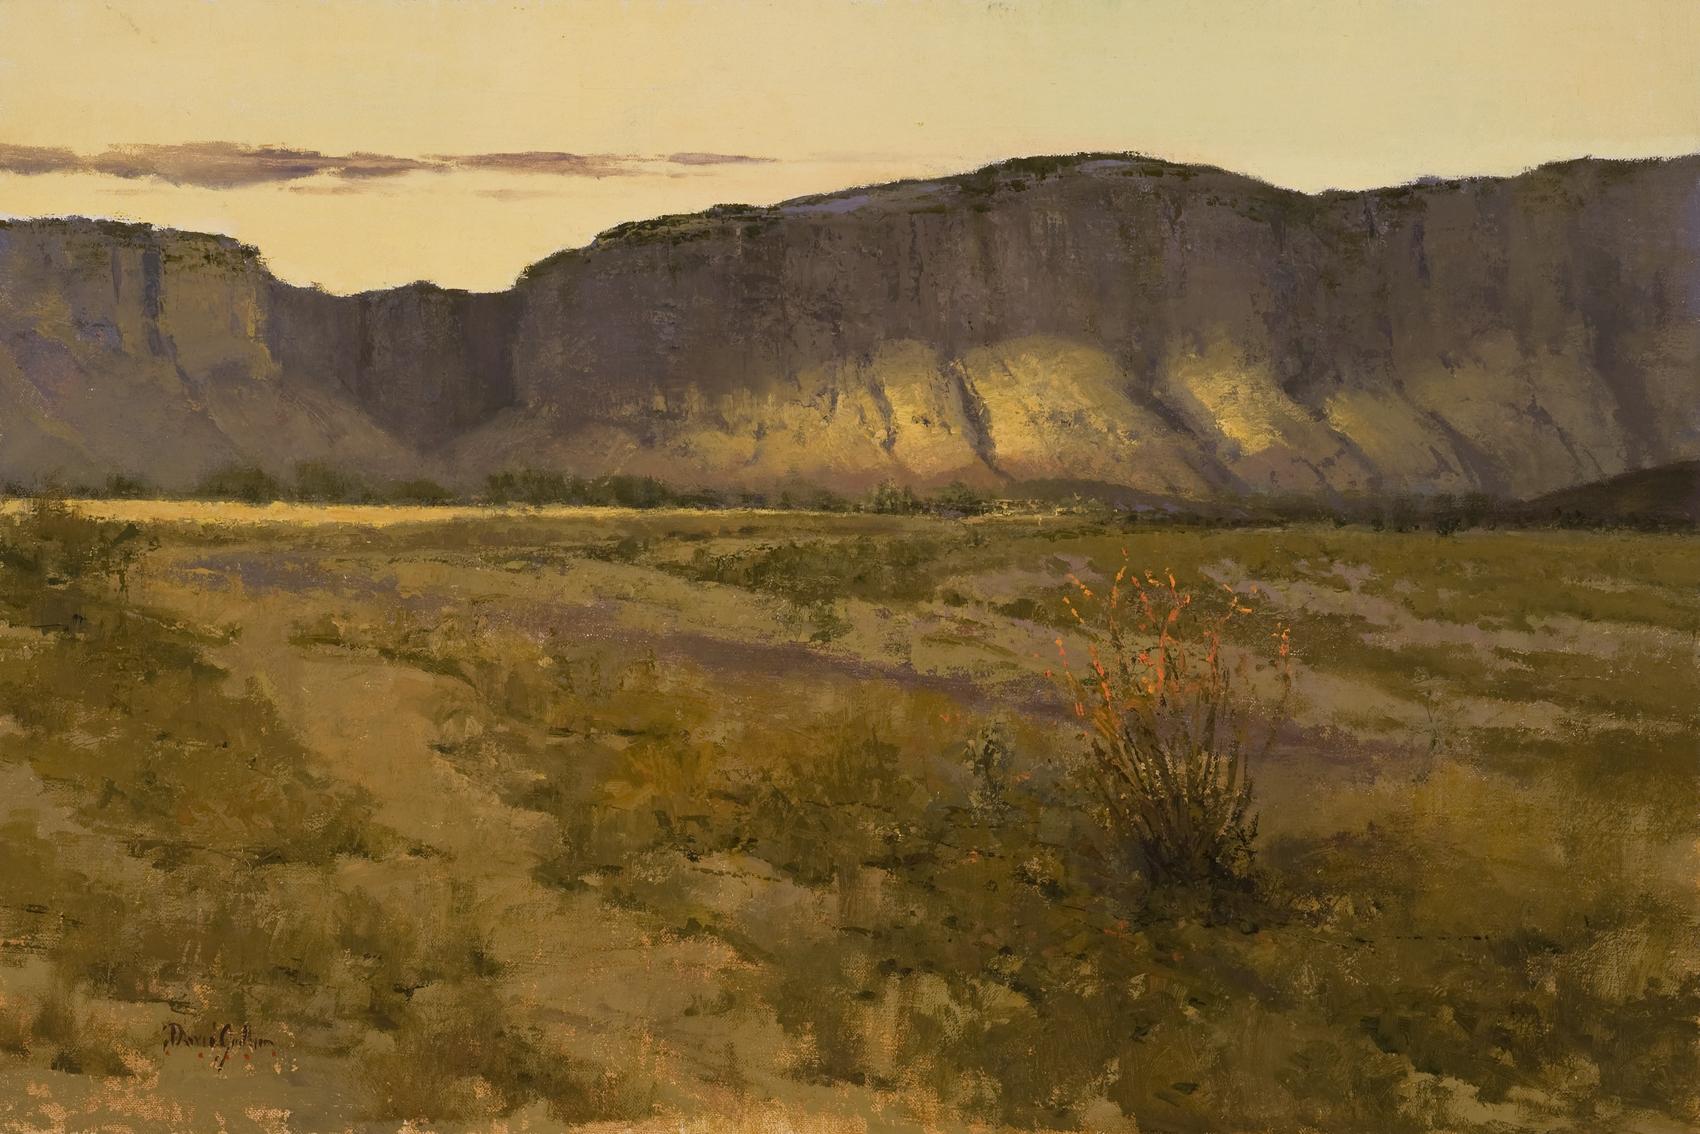 David Griffin, Just West of Eden